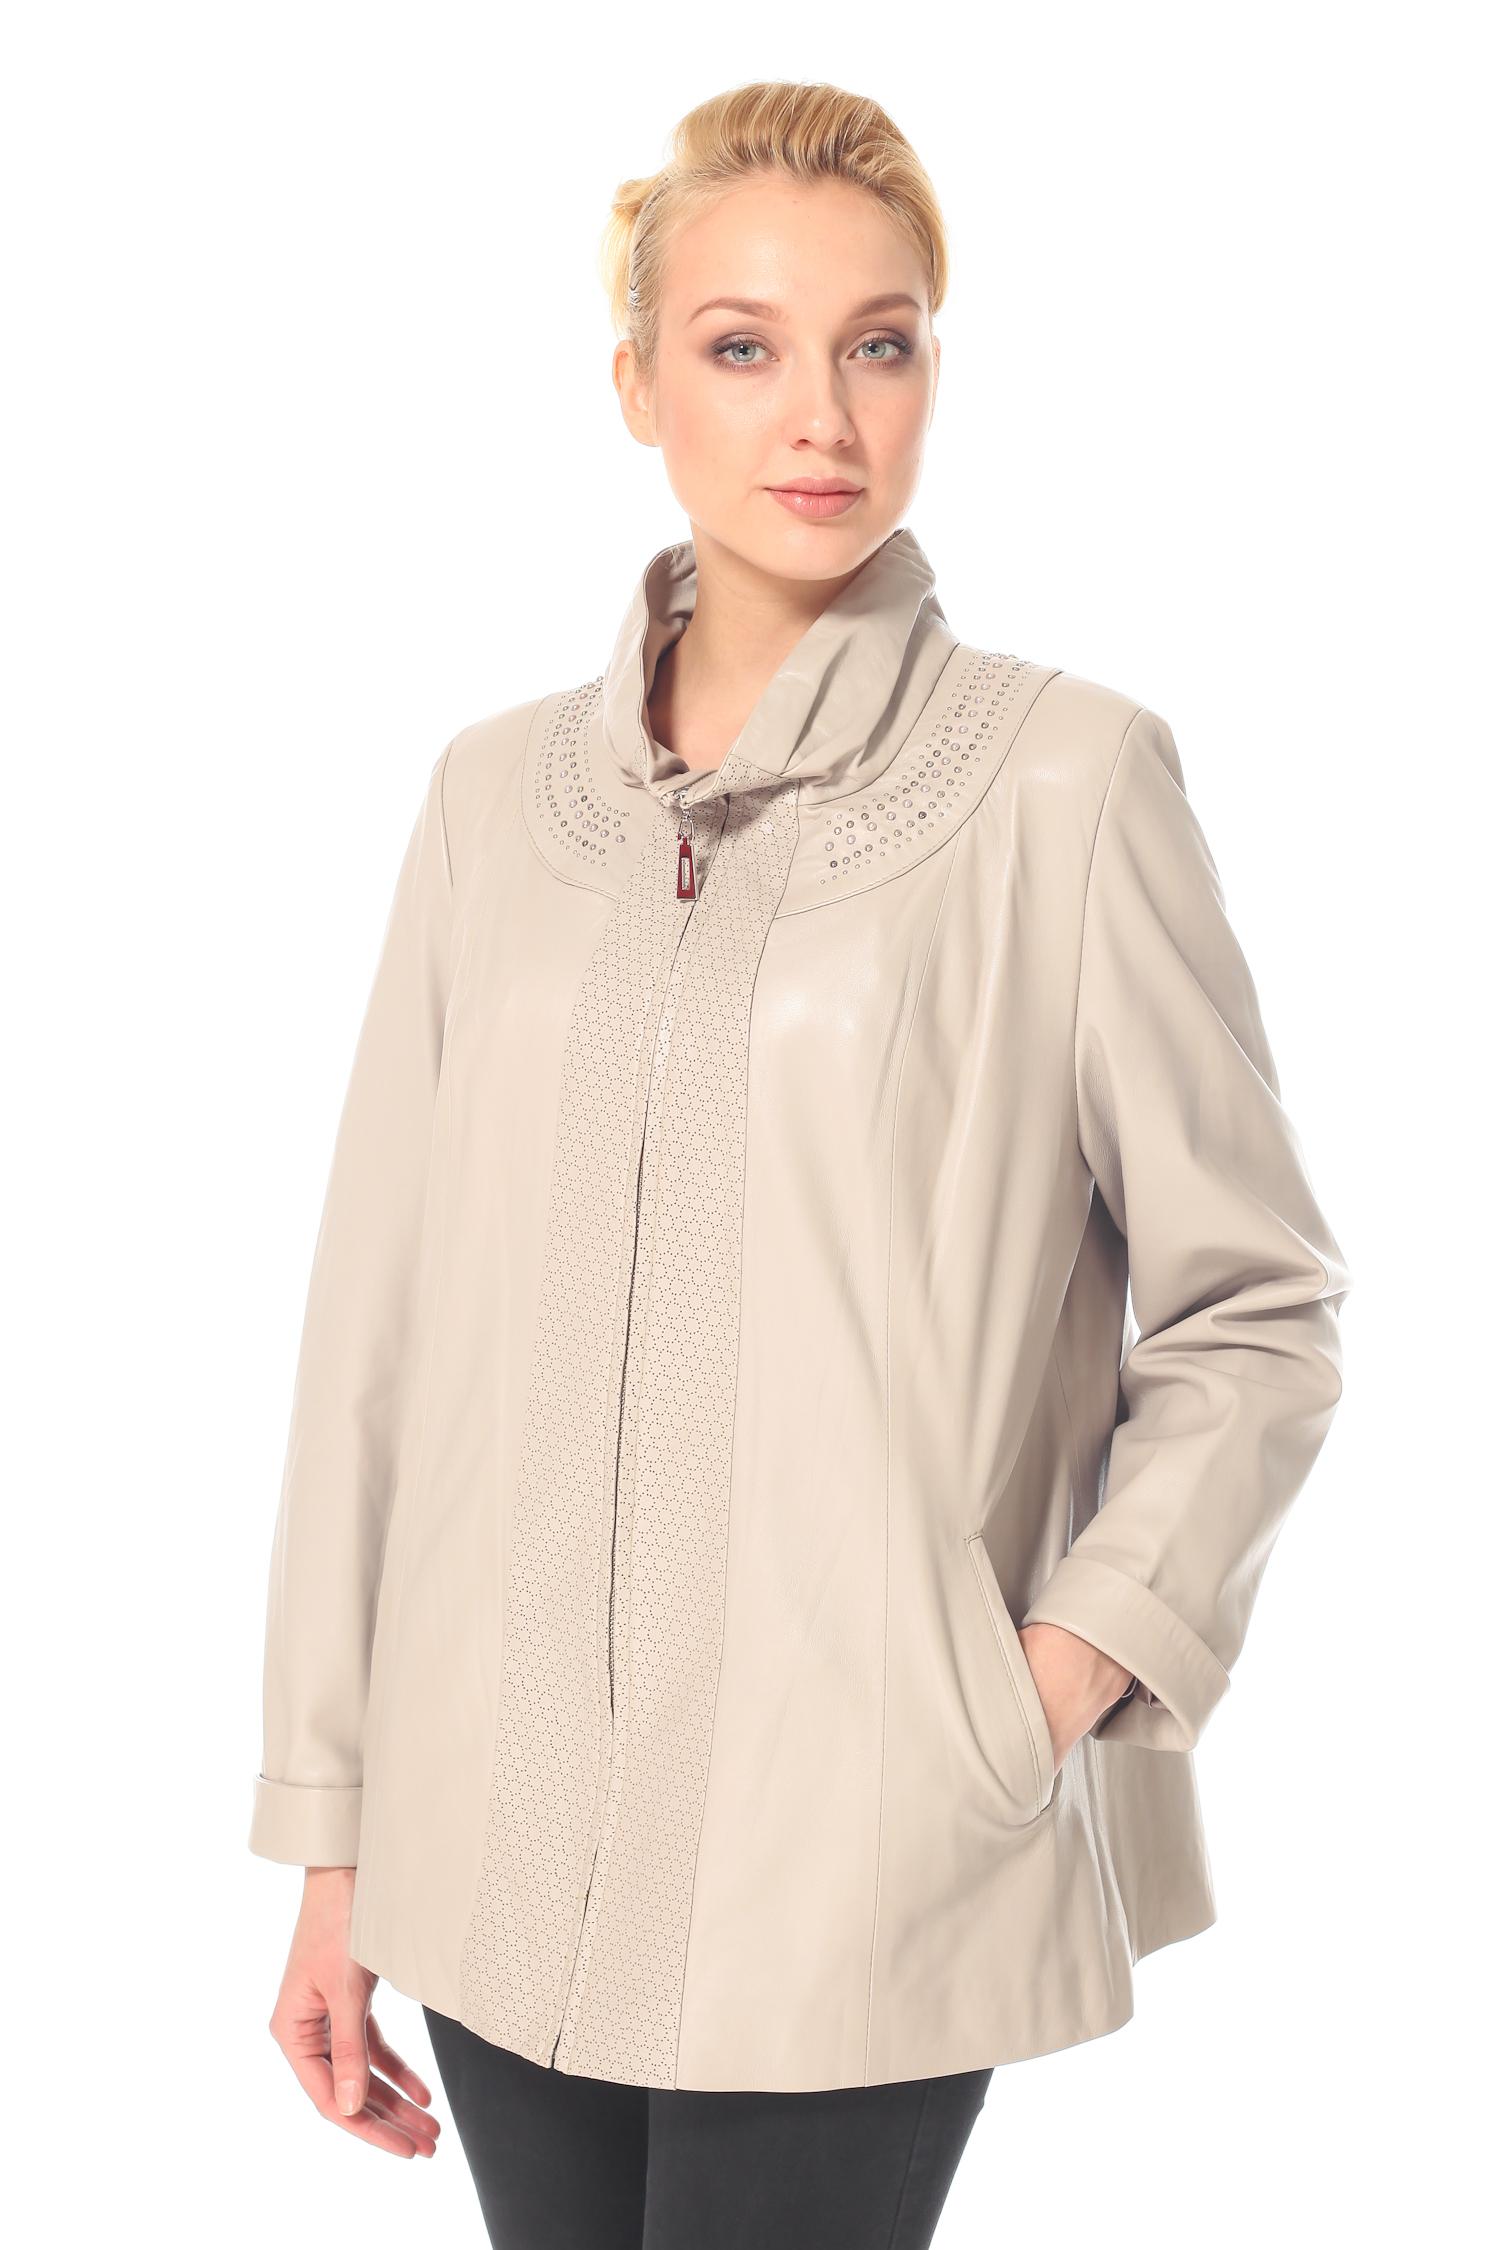 Женская кожаная куртка из натуральной кожи с воротником, без отделки<br><br>Воротник: Стойка<br>Длина см: 65<br>Материал: Натуральная кожа<br>Цвет: Серый<br>Пол: Женский